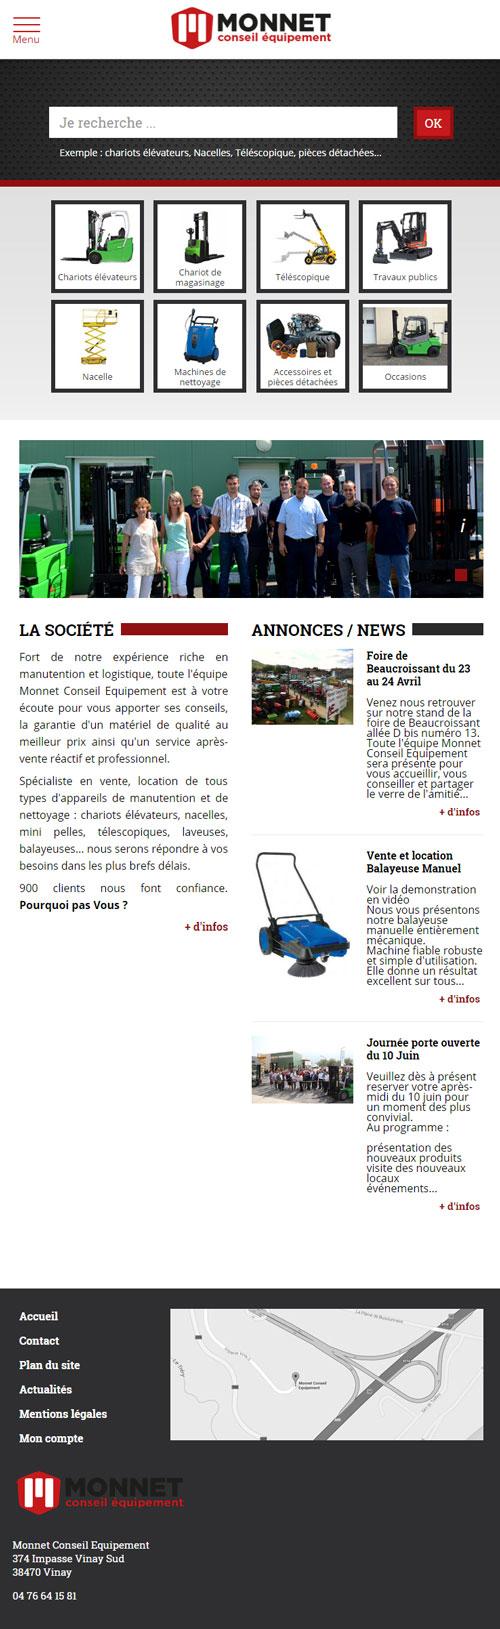 Monnet Conseil Equipementversion mobile